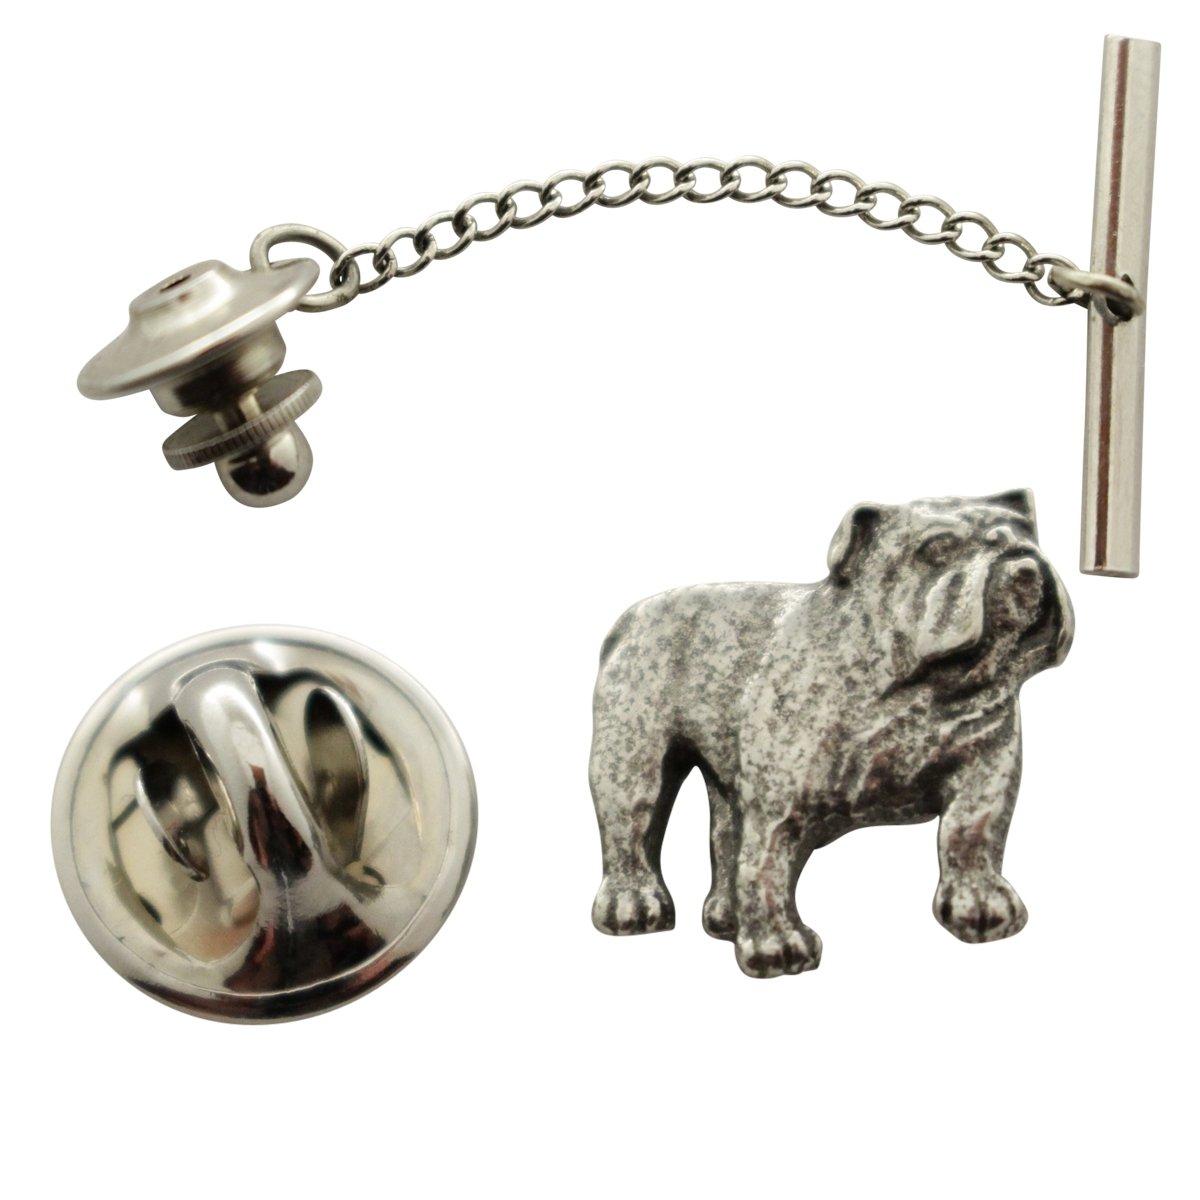 French Bulldog Tie Tack ~ Antiqued Pewter ~ Tie Tack or Pin ~ Sarah's Treats & Treasures by Sarah's Treats & Treasures (Image #1)